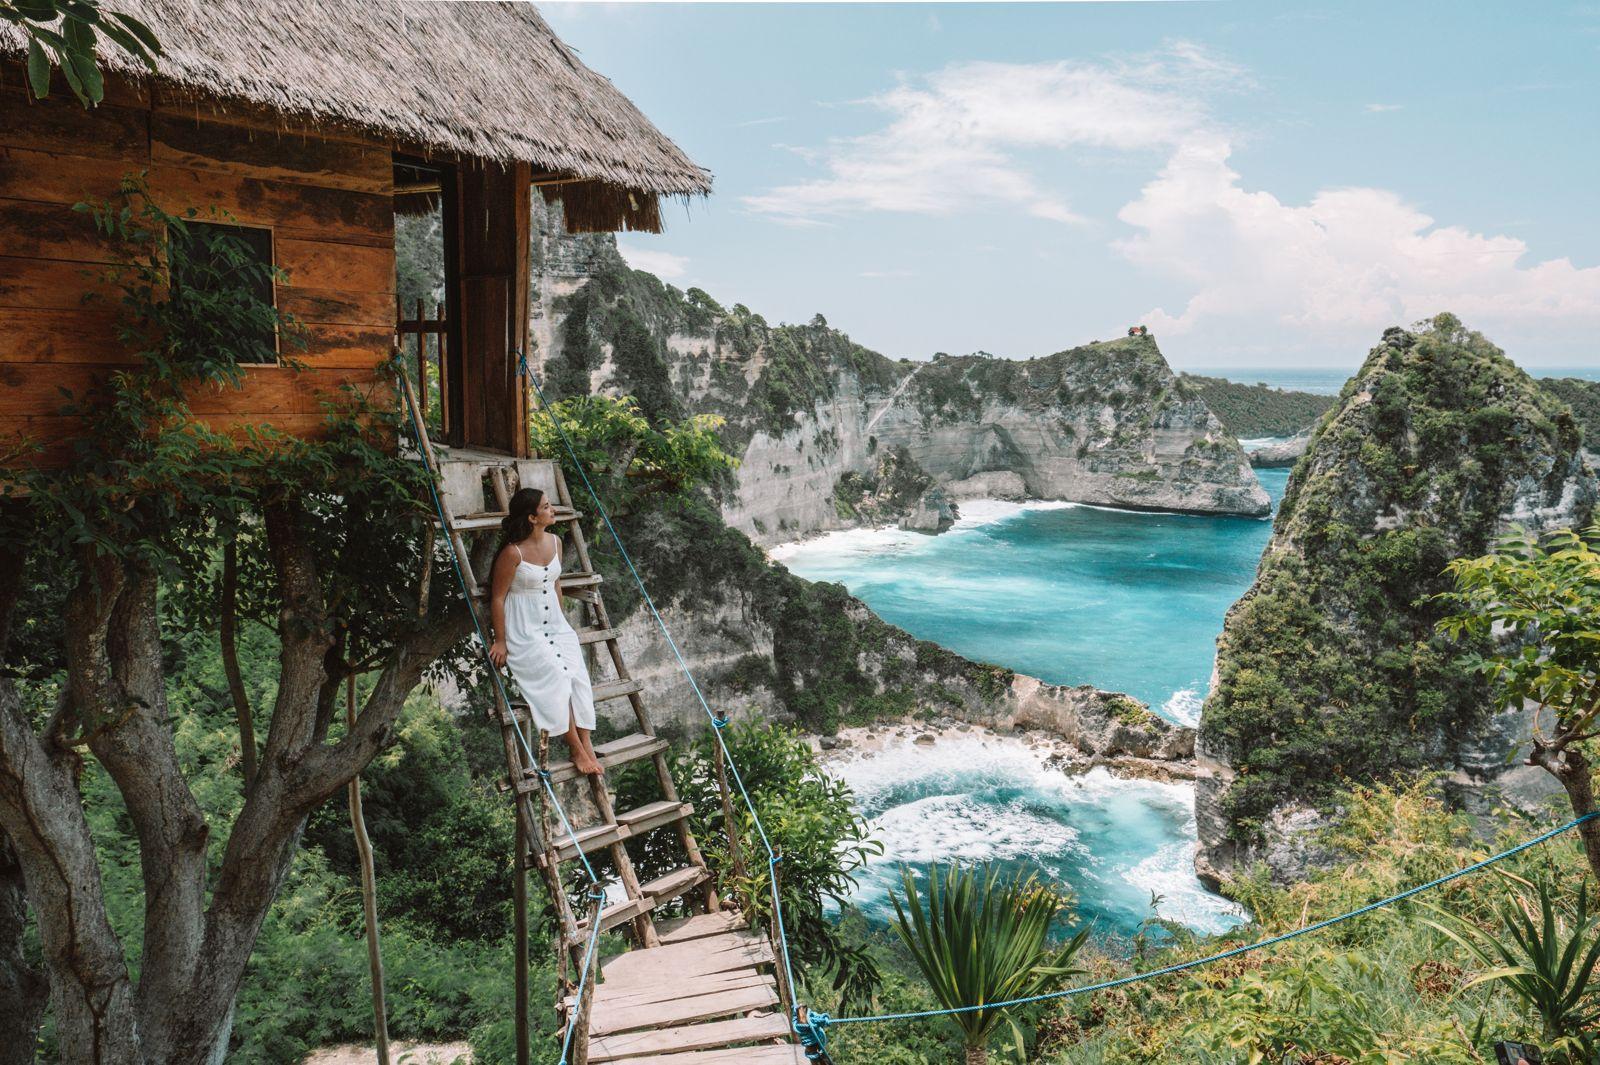 Treehouse at Nusa Penida island